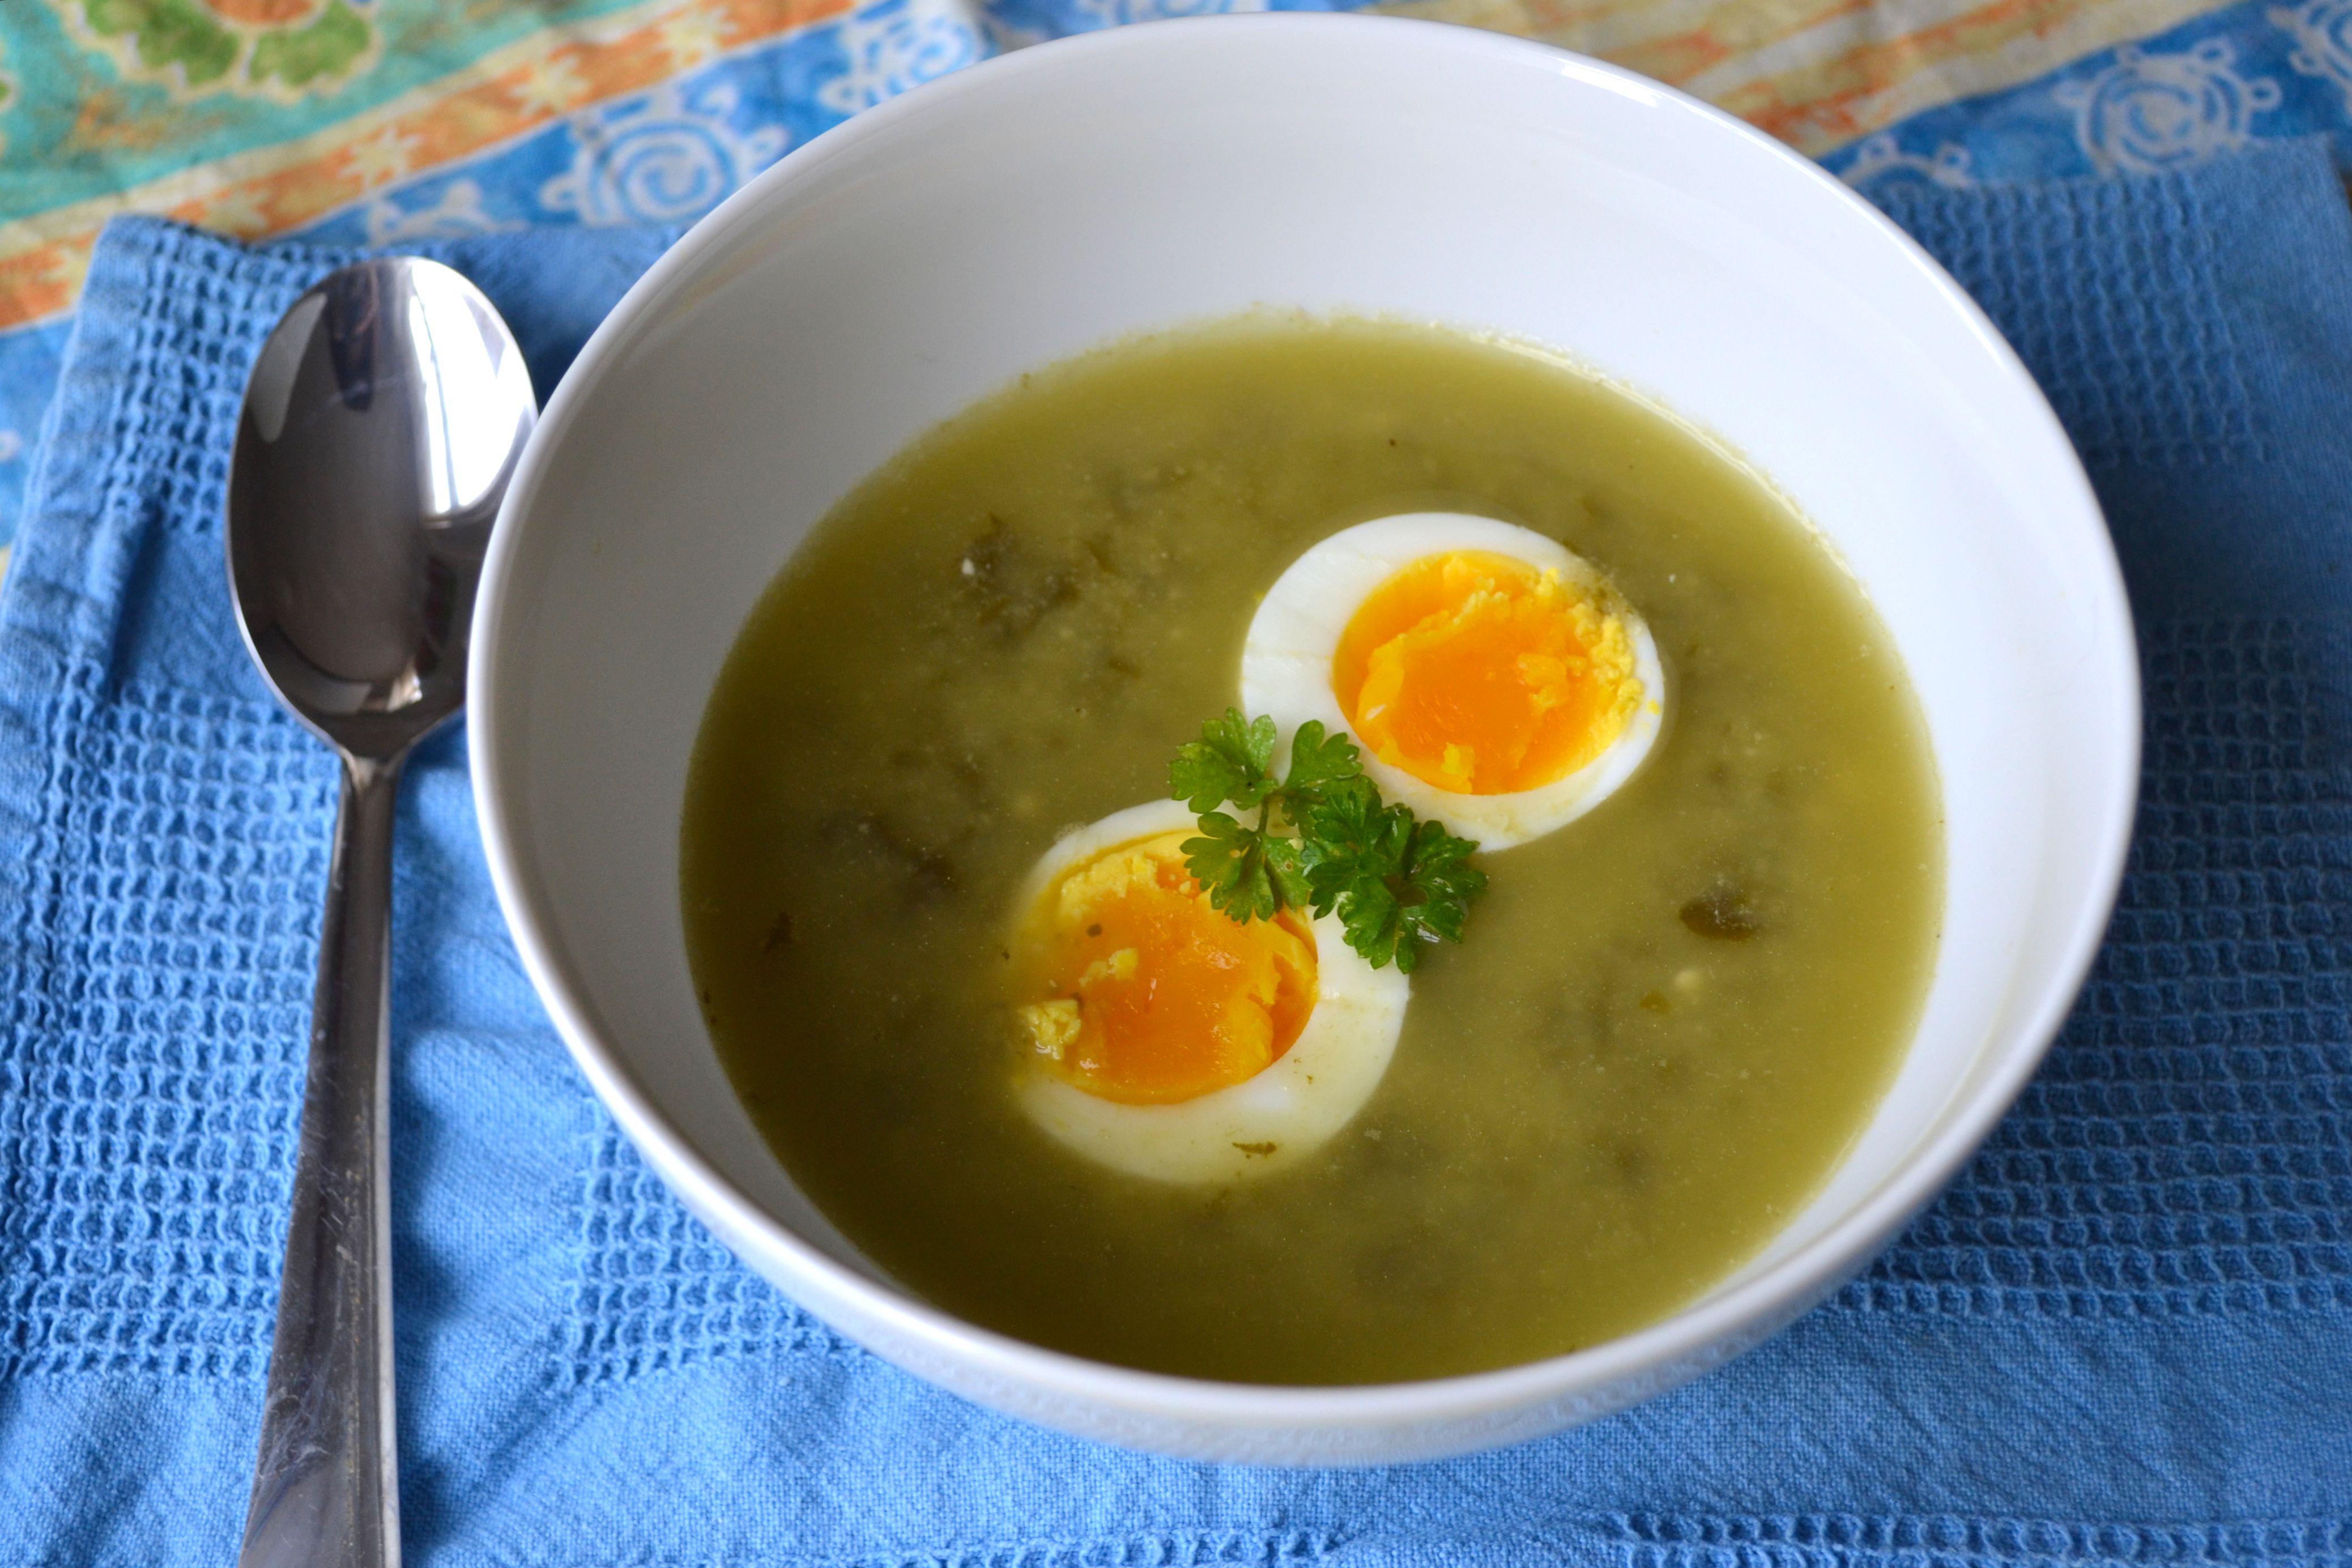 Проверенный рецепт приготовления супа с яйцом, шаг за шагом с фотографиями 14